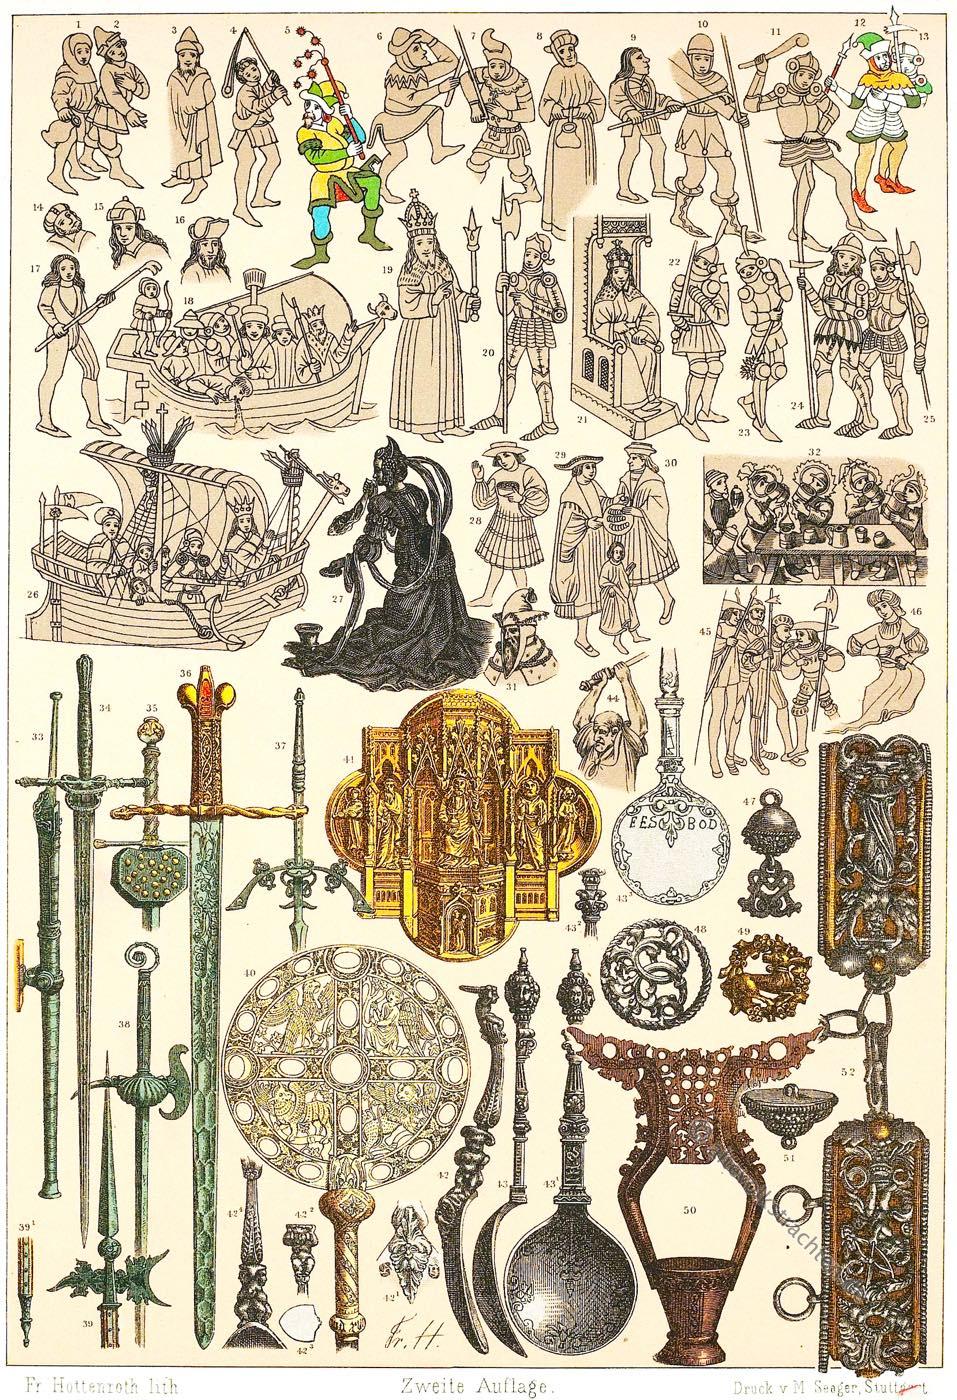 Skandinavier, Krieger, Kriegsknechte, Rüstung, Bewaffnung, Nordmänner, Friedrich Hottenroth